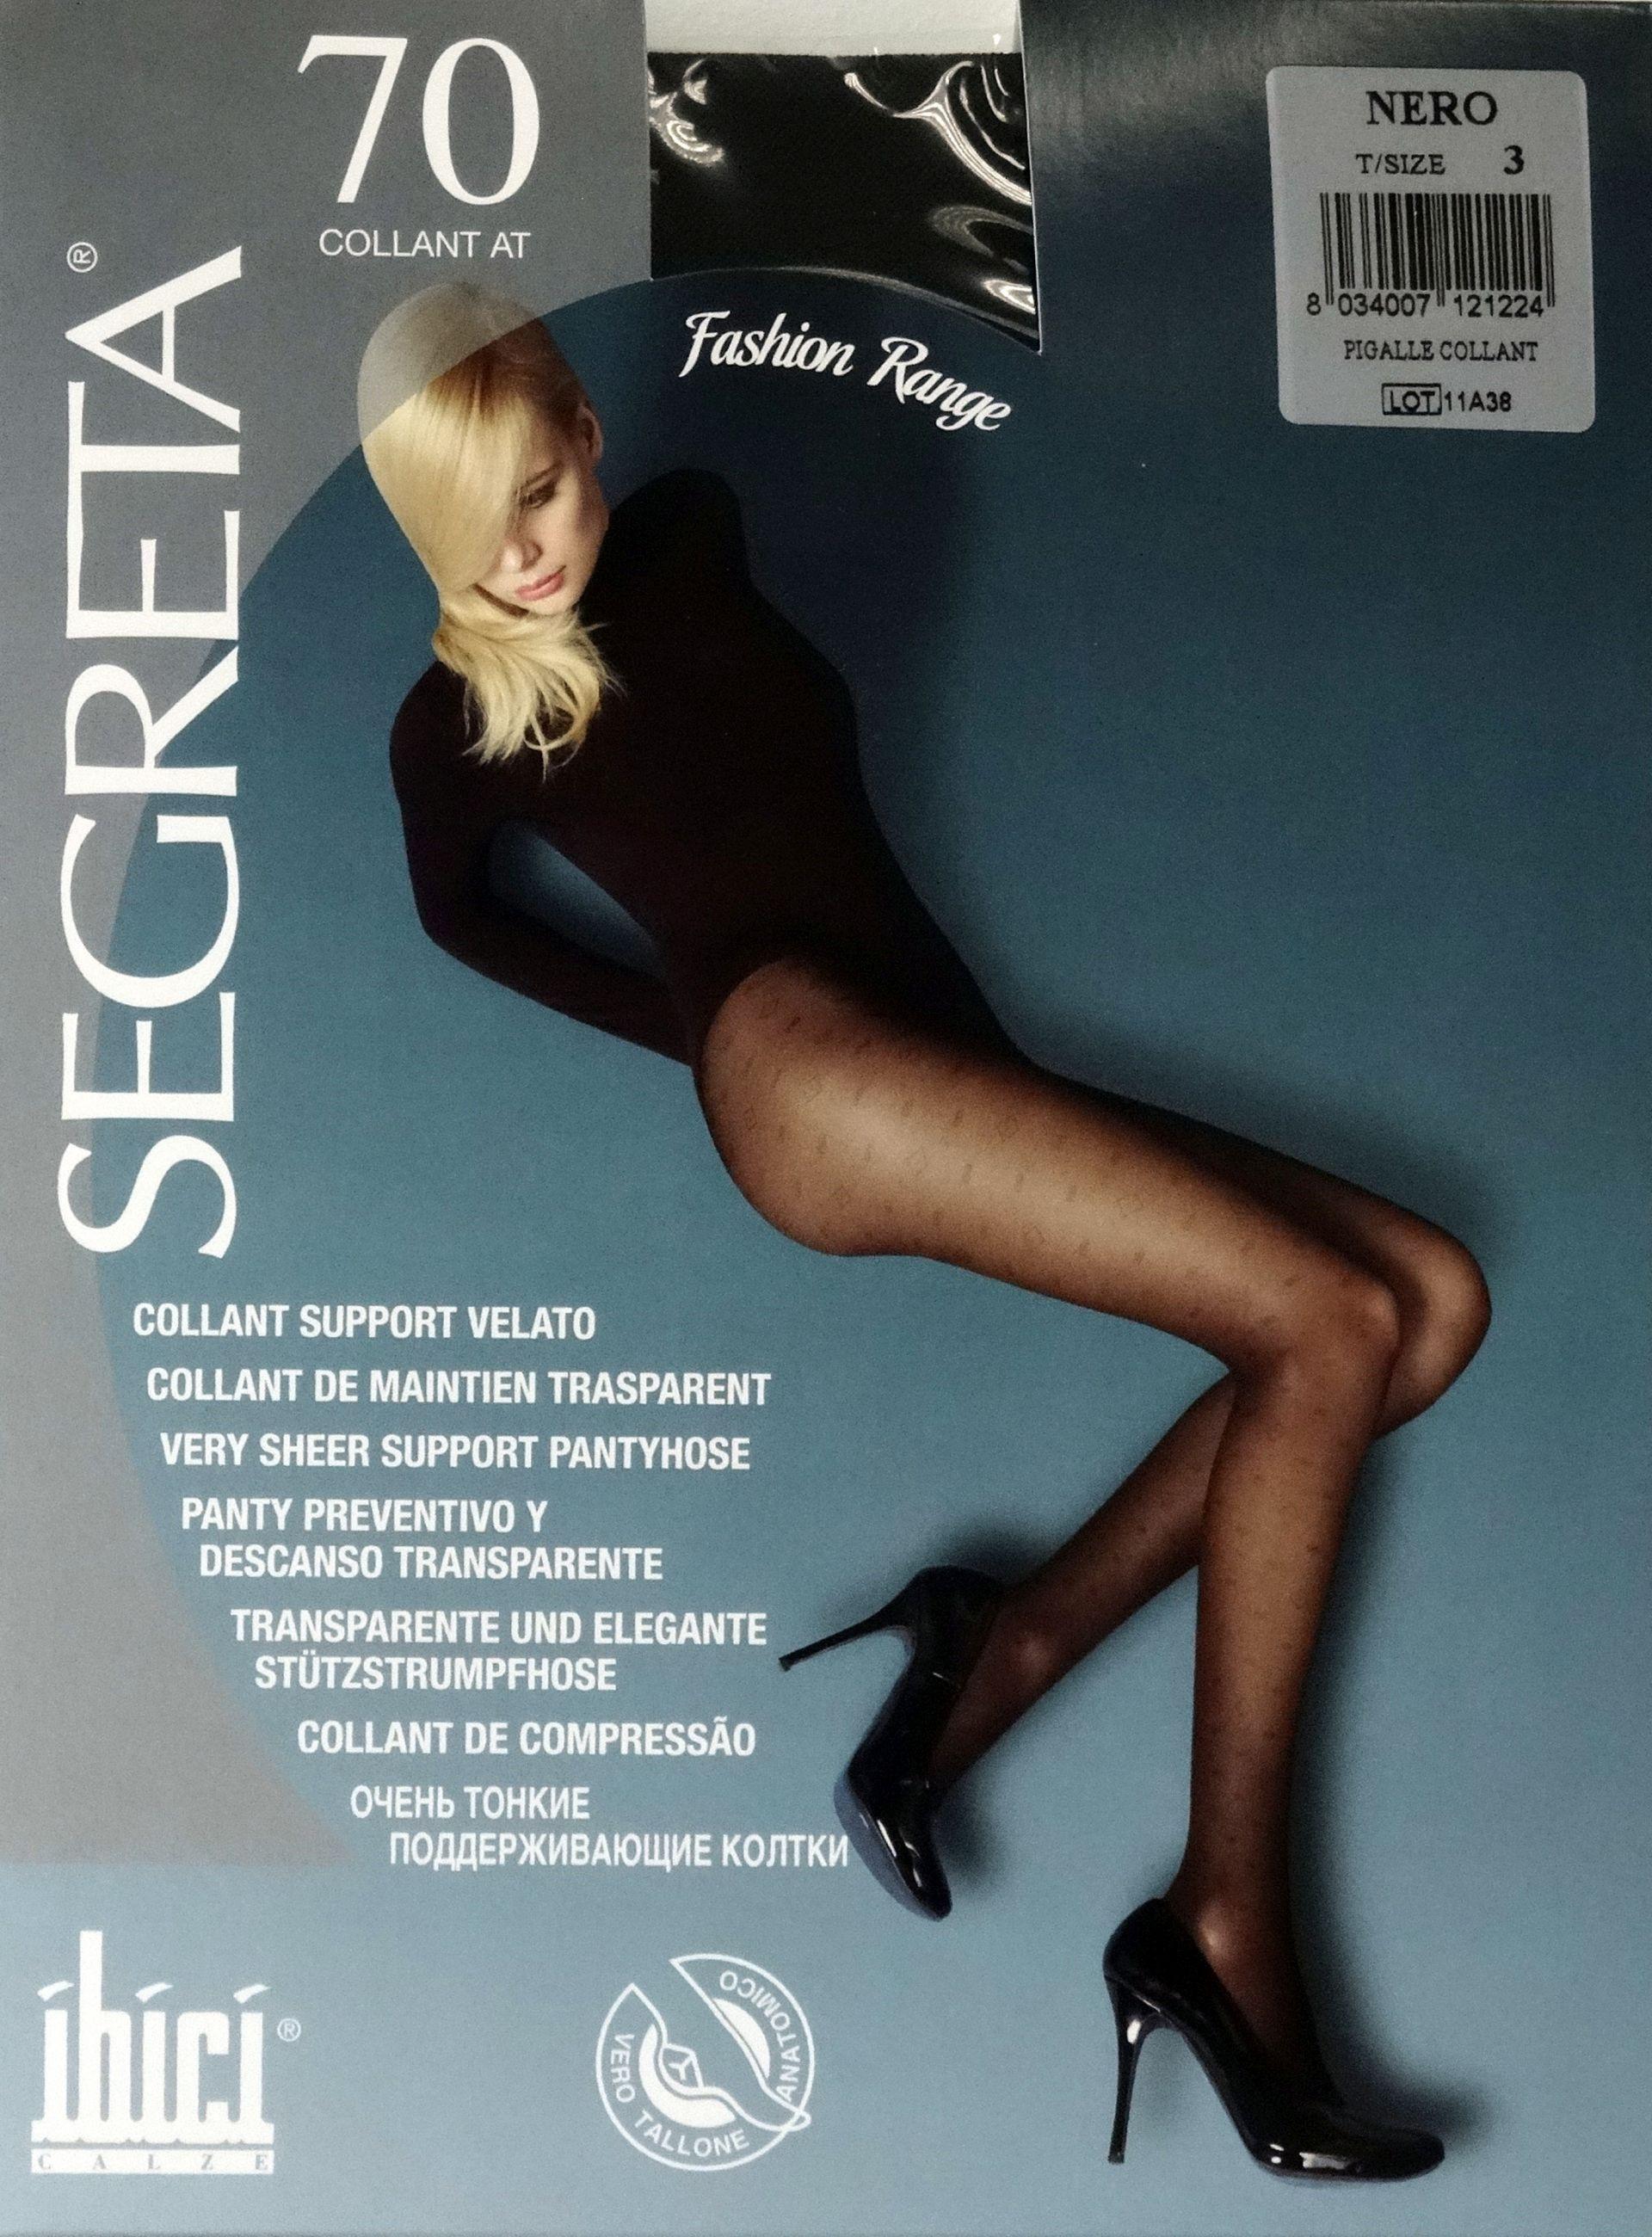 a1523c145 70 Segreta Colant Pigalle Fashion - meia-calça de suave compressão ...